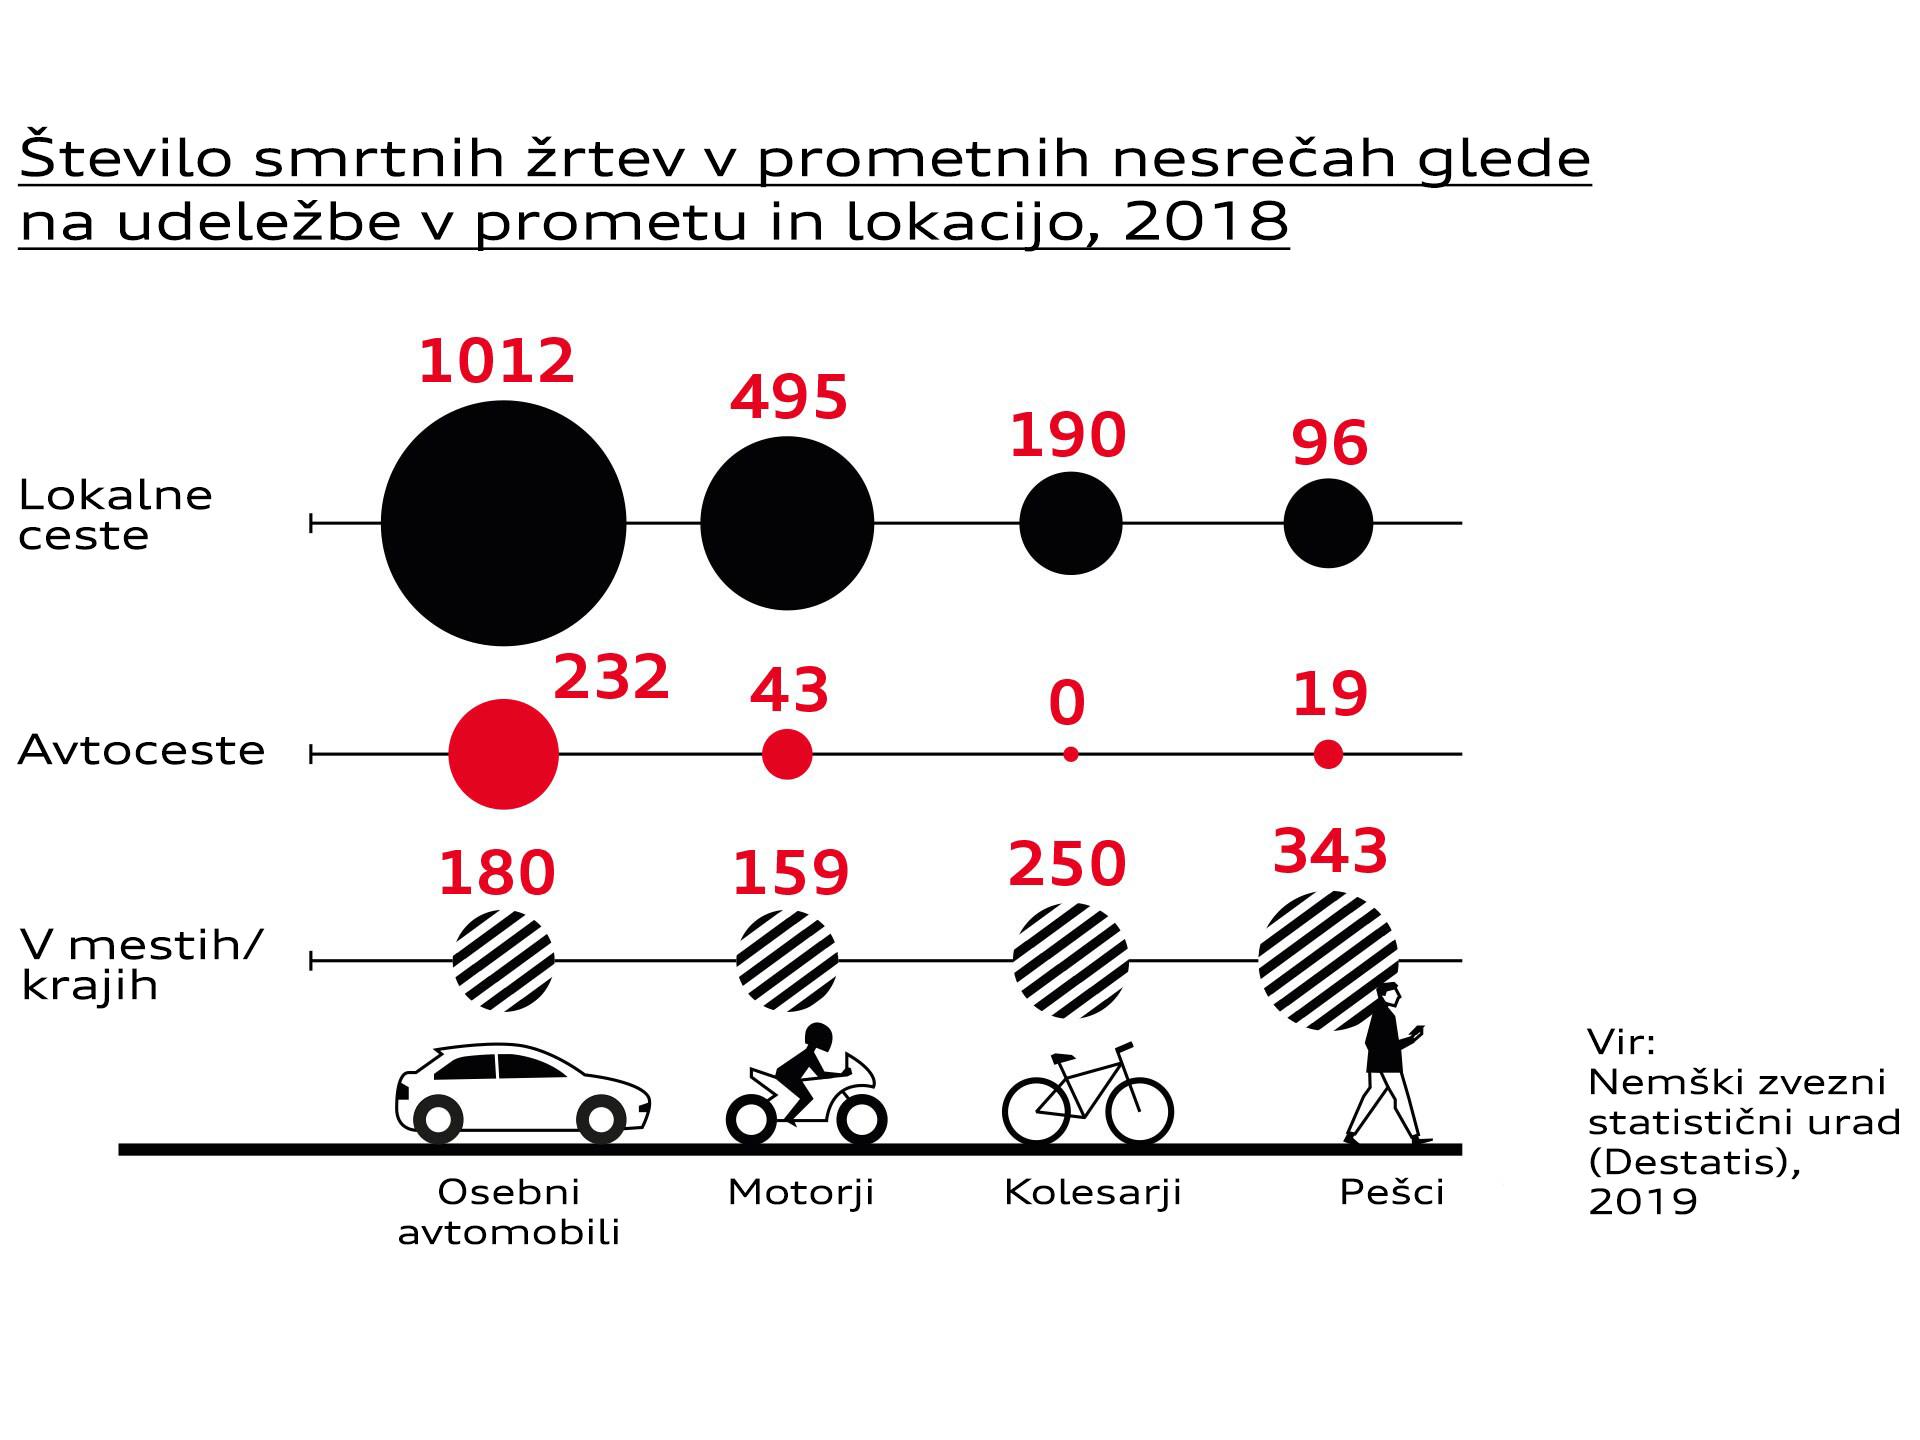 Število smrtnih žrtev v prometnih nesrečah glede na udeležbo v prometu in lokacijo v Nemčiji leta 2018